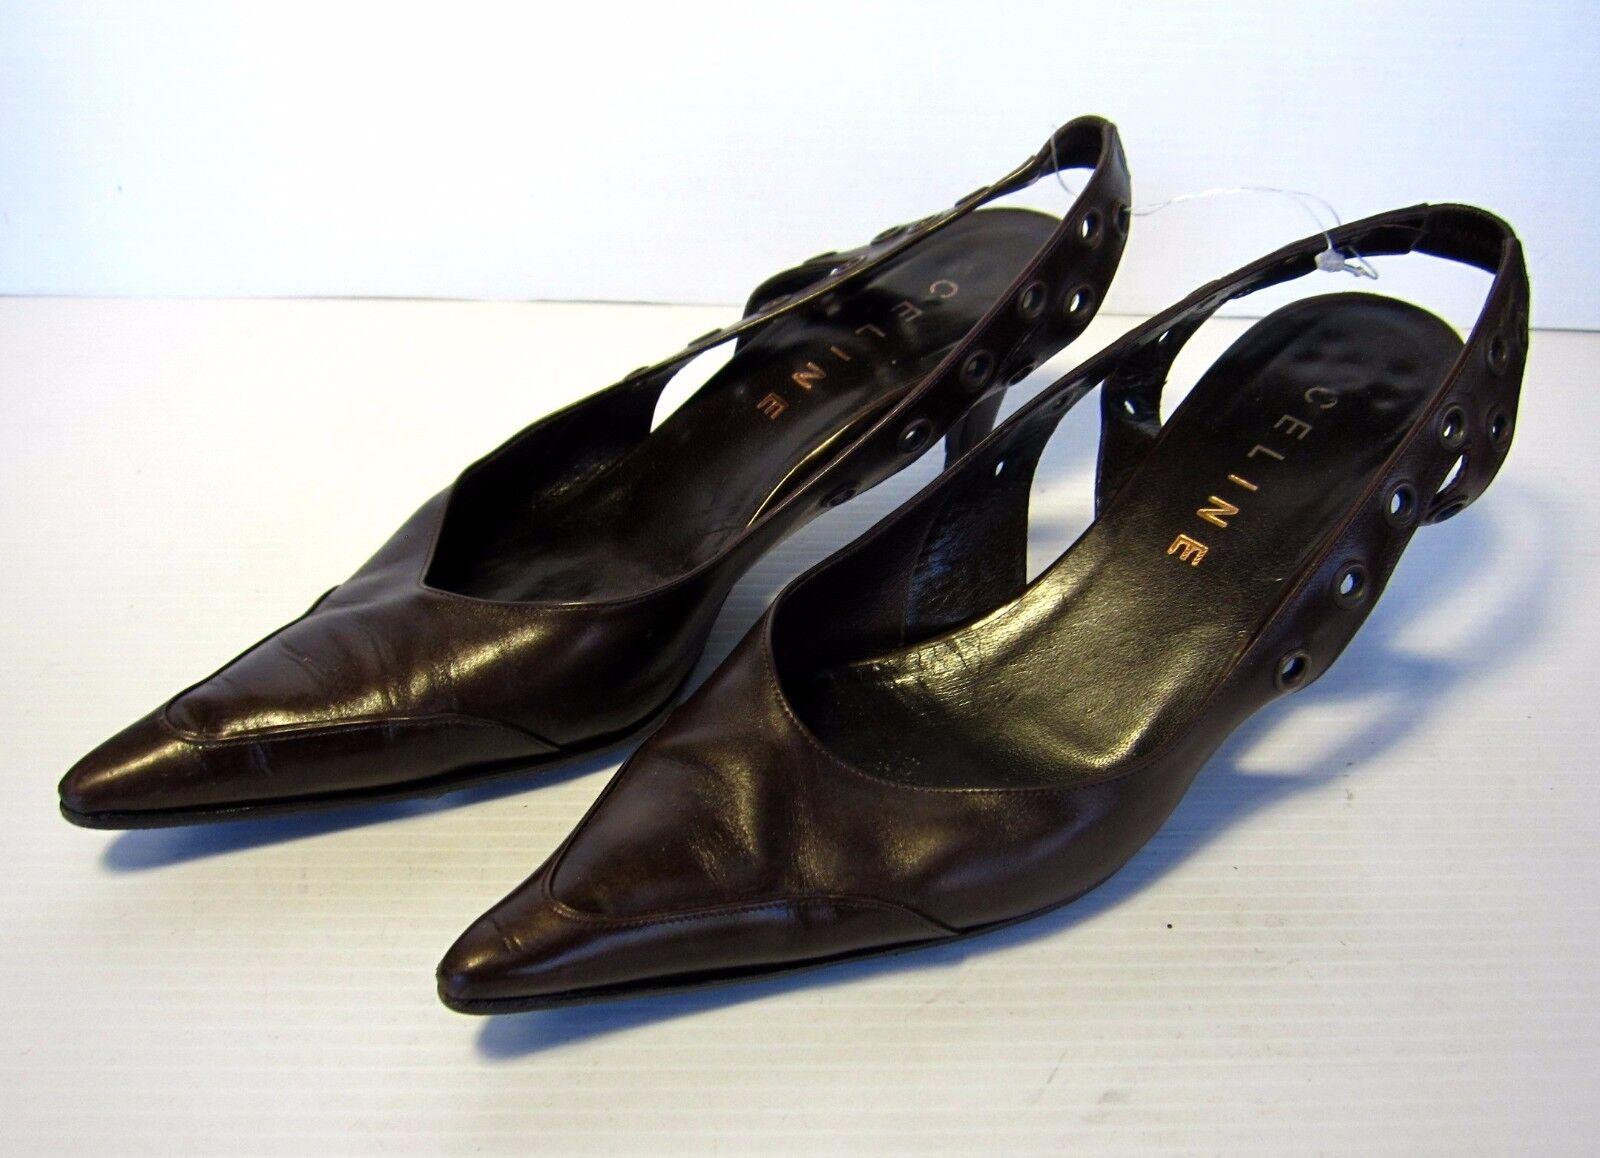 CELINE L'Arrière Talons Chaussures Marron Taille 38 1 2 bout pointu